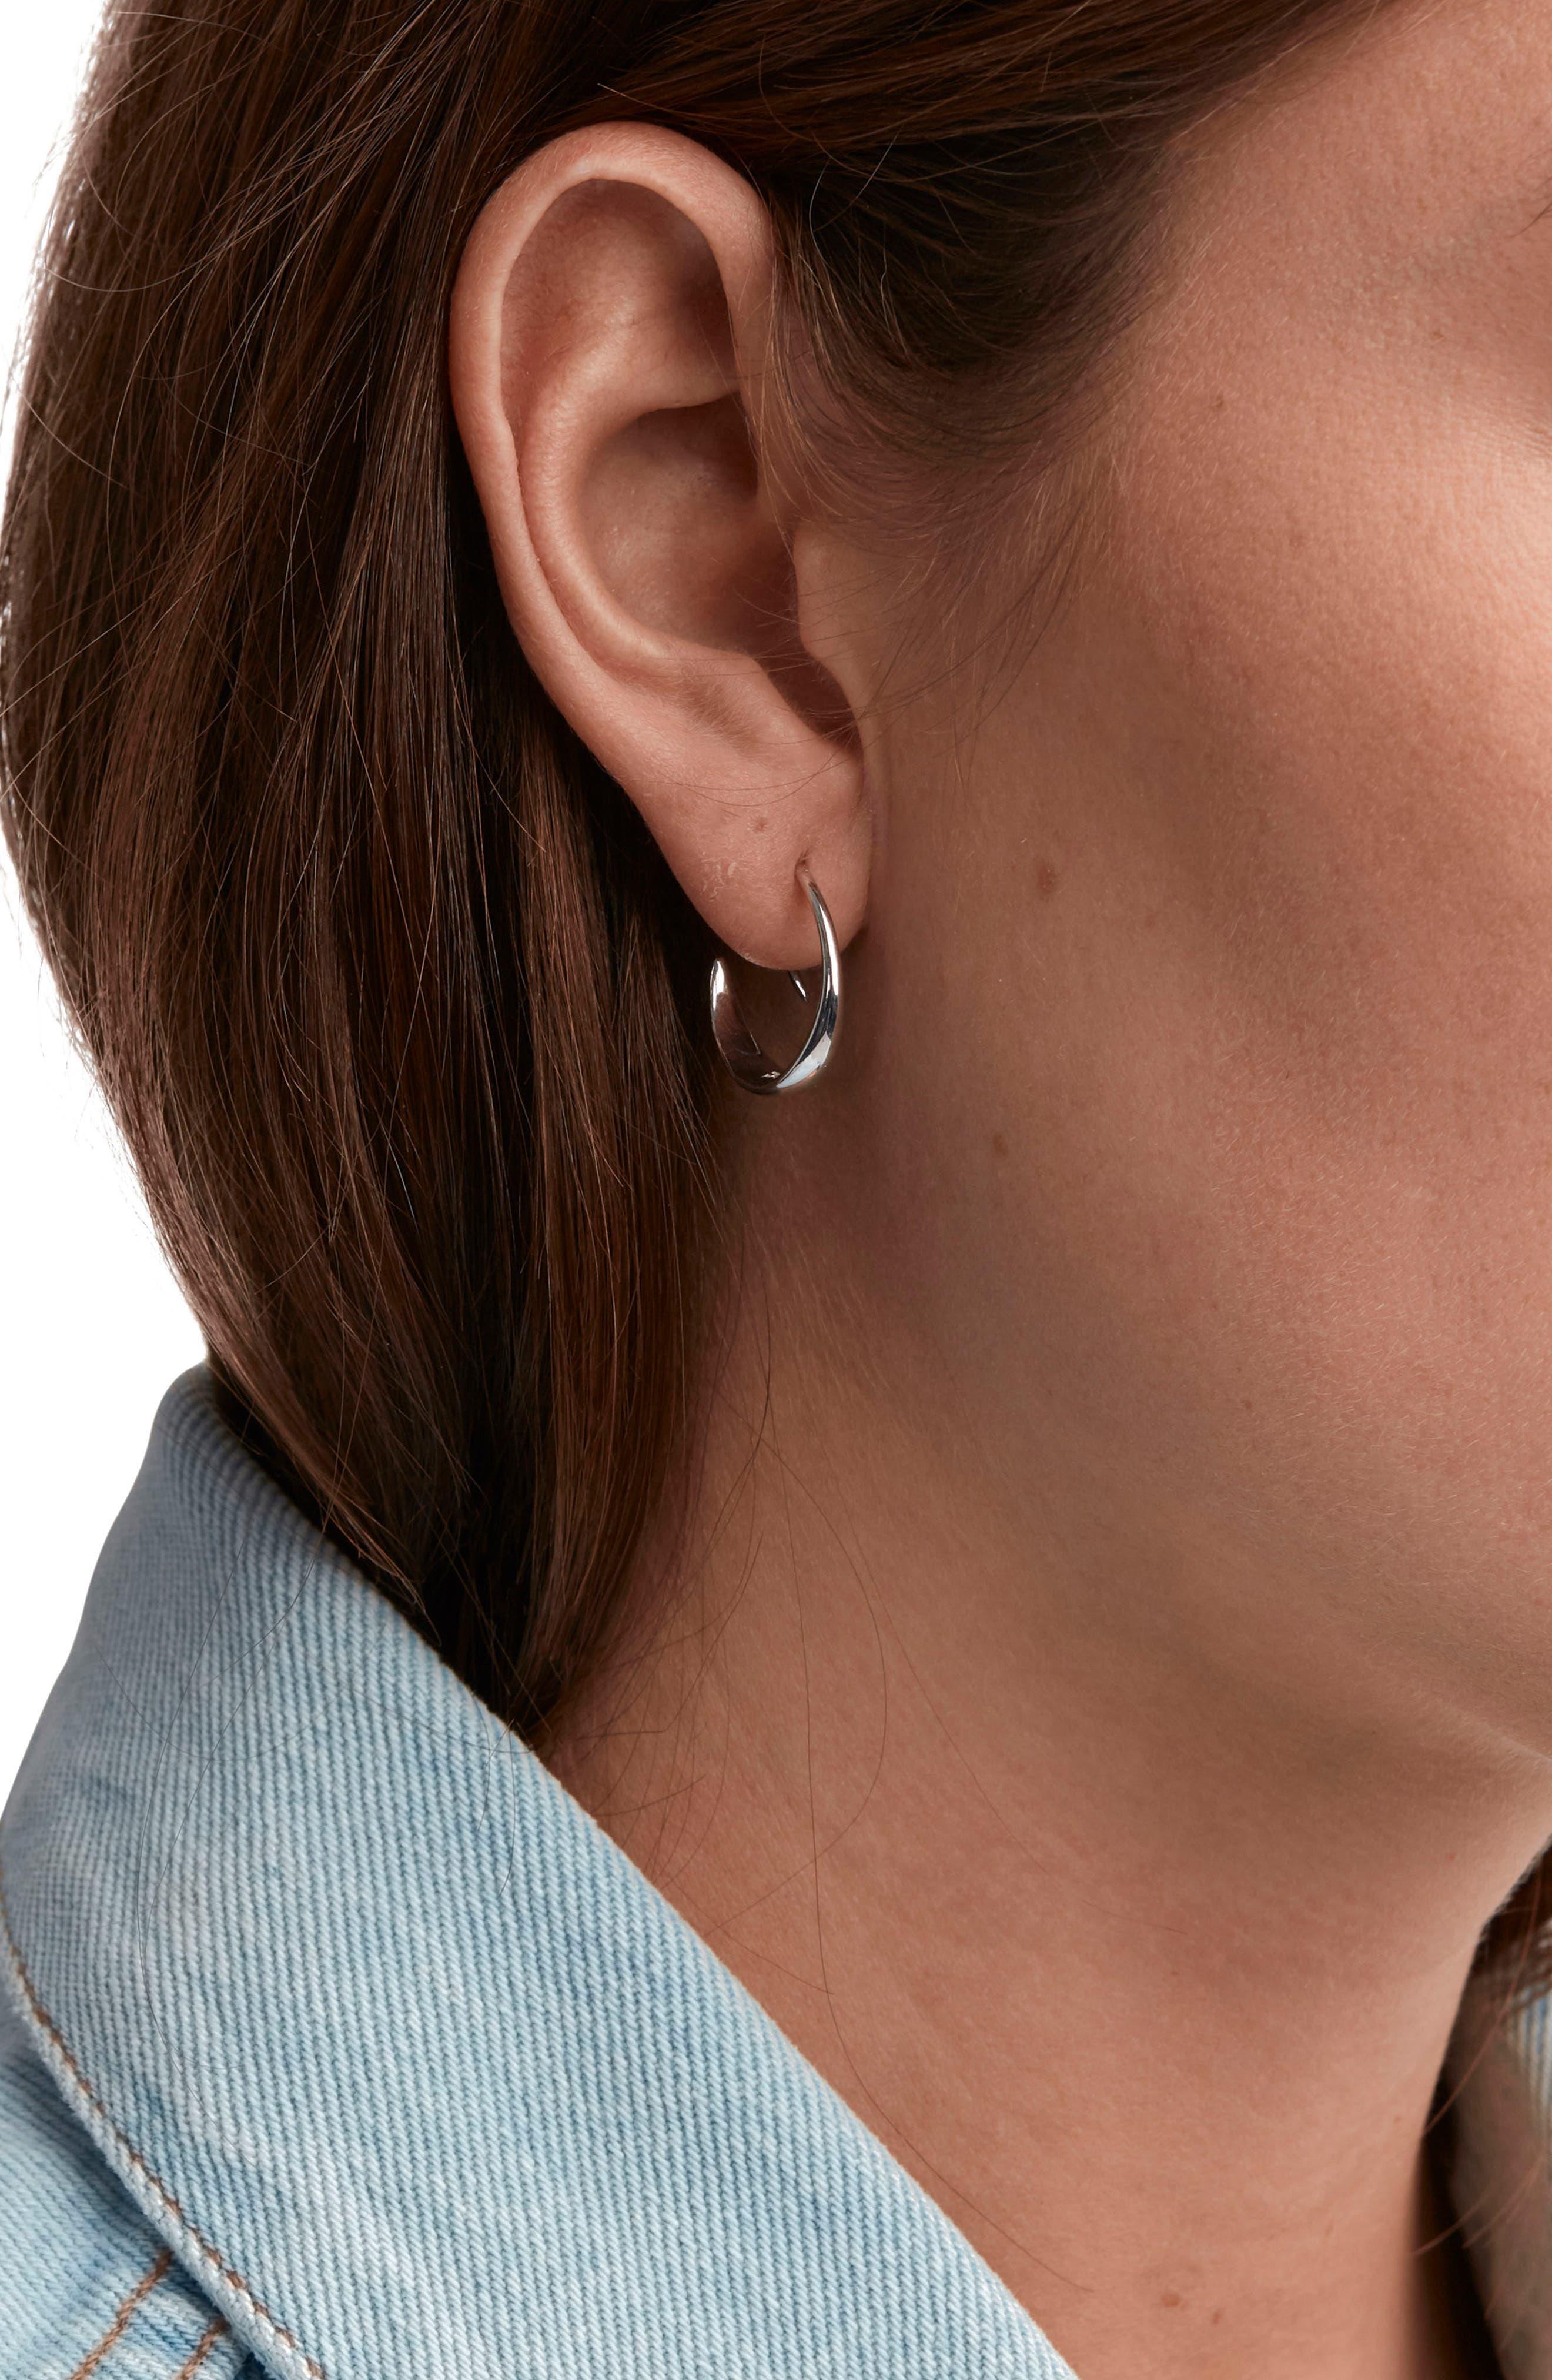 Ear Loop Earrings,                             Alternate thumbnail 2, color,                             925 Silver